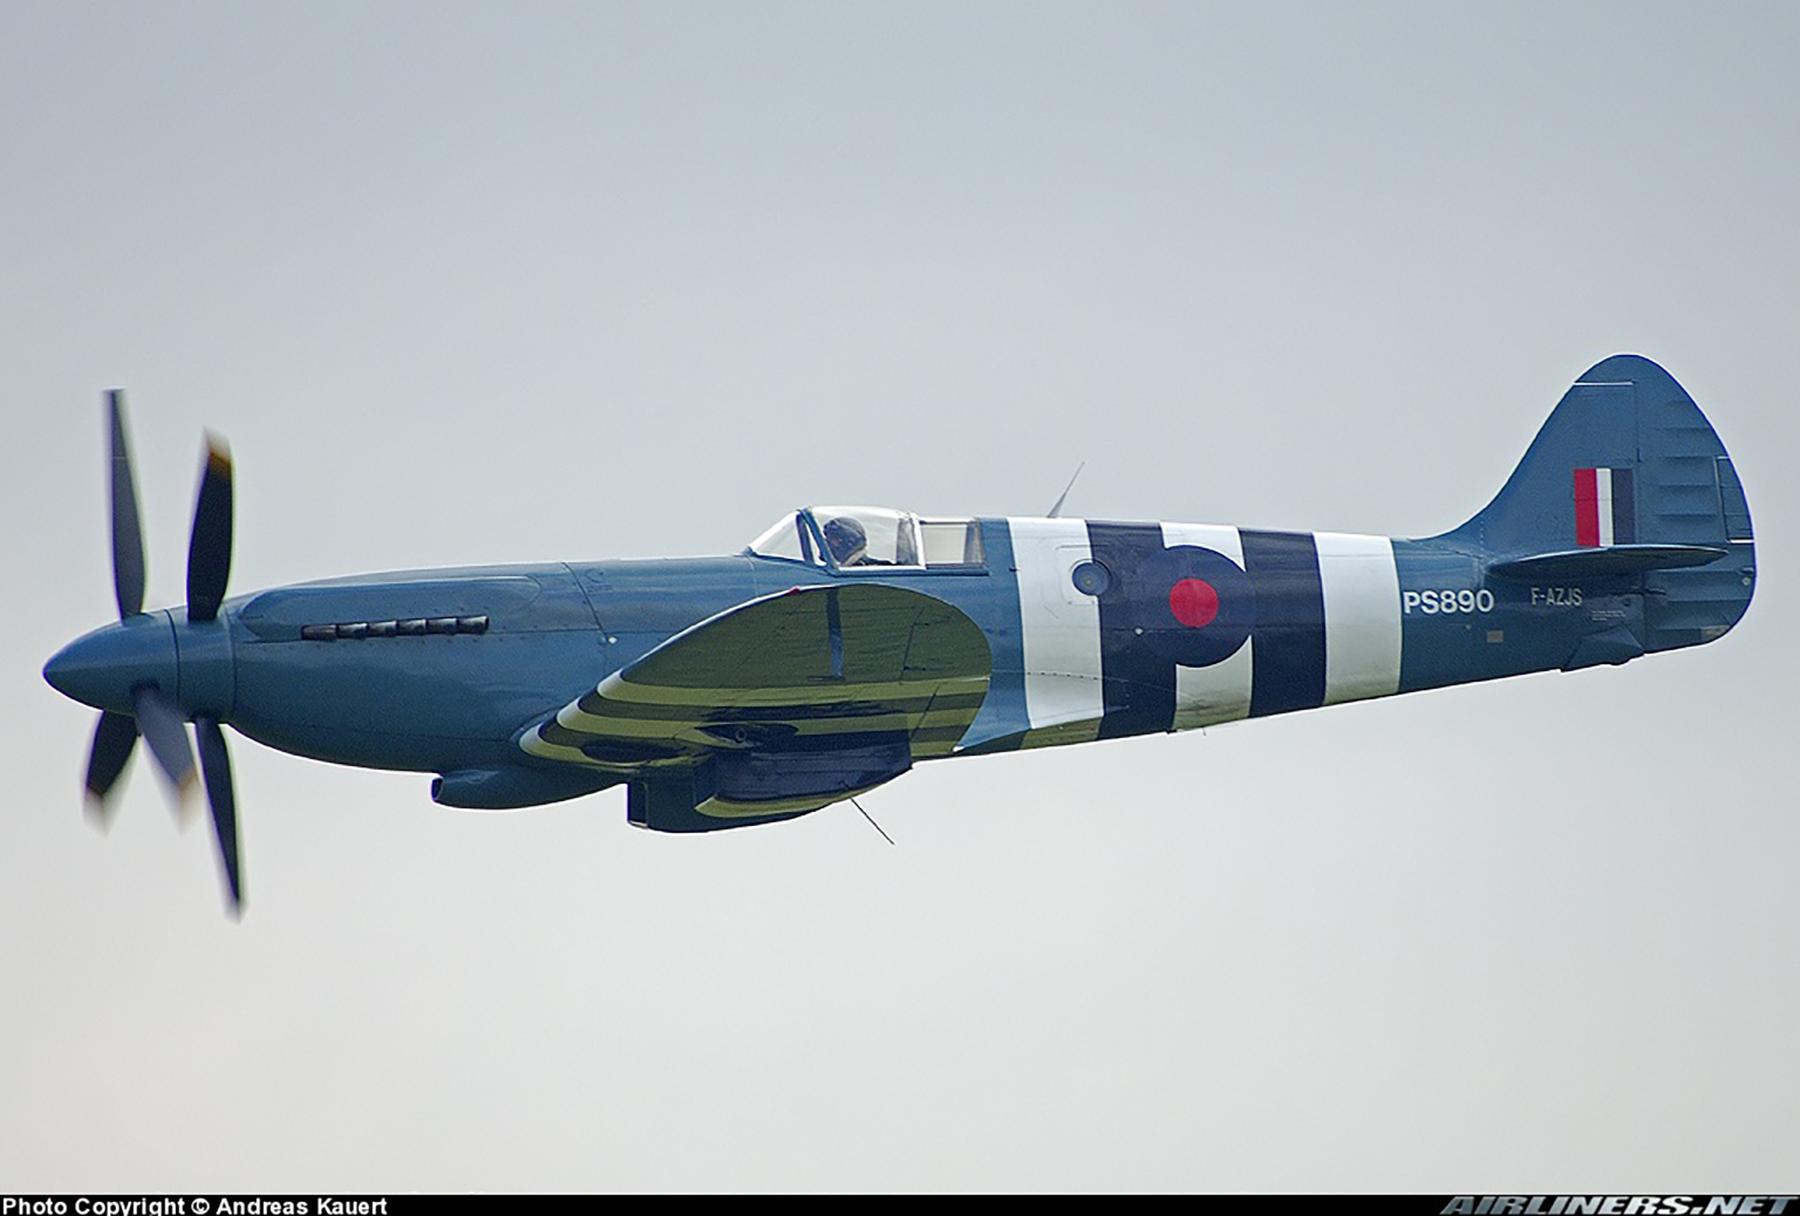 Airworthy Spitfire warbird PRXIX RAF PS890 F AZJS 08